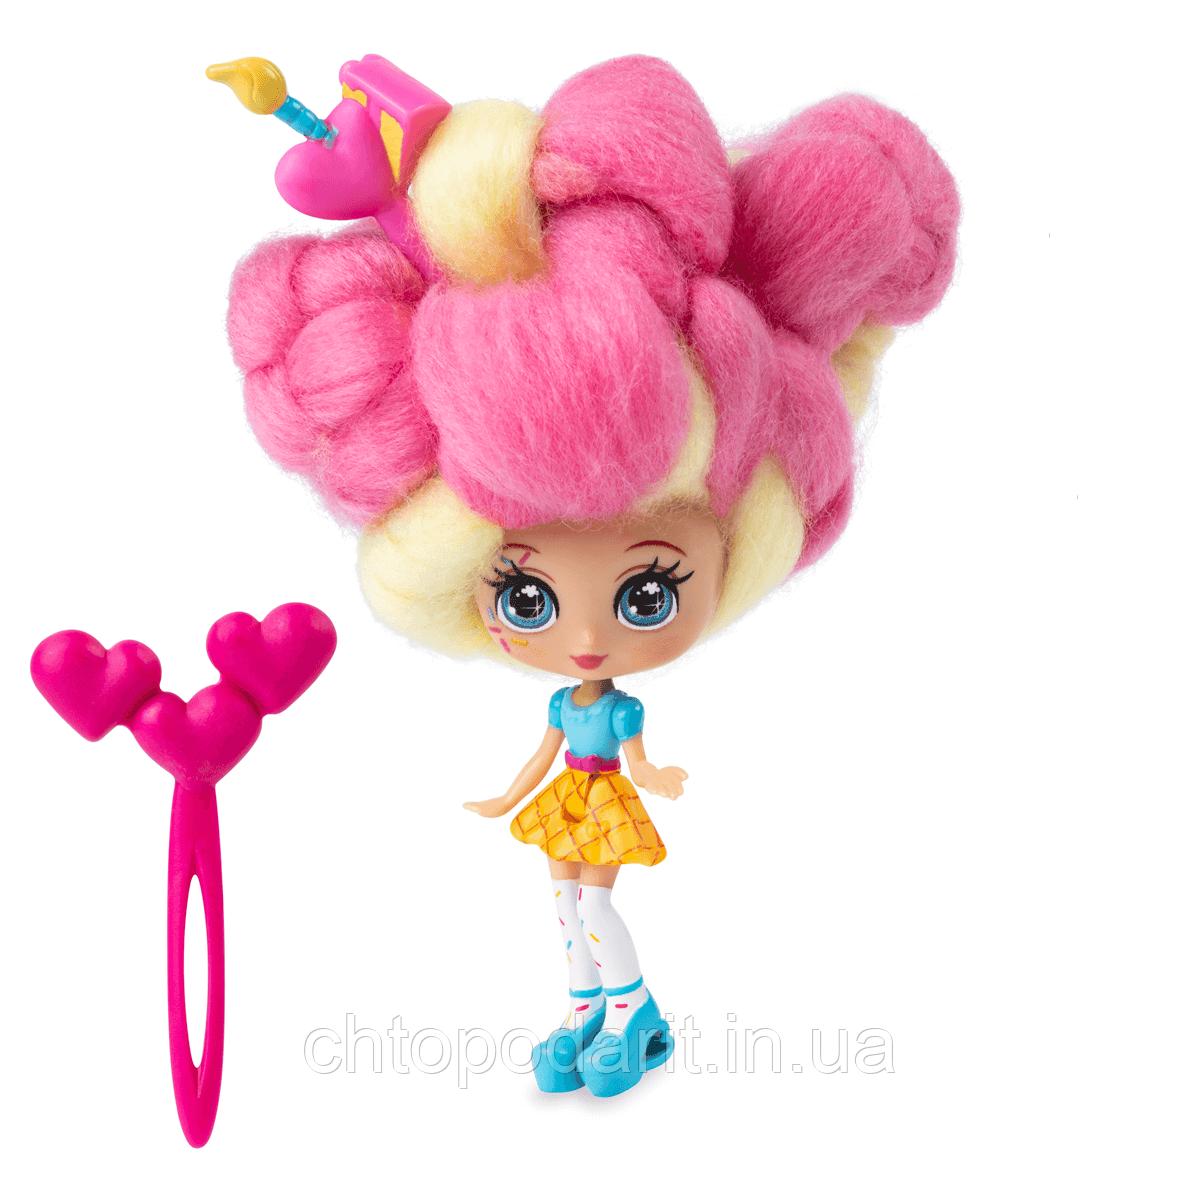 """Кукла """"Кендилукс сладкая вата"""" Candylocks с цветными волосами Код 12-2255"""